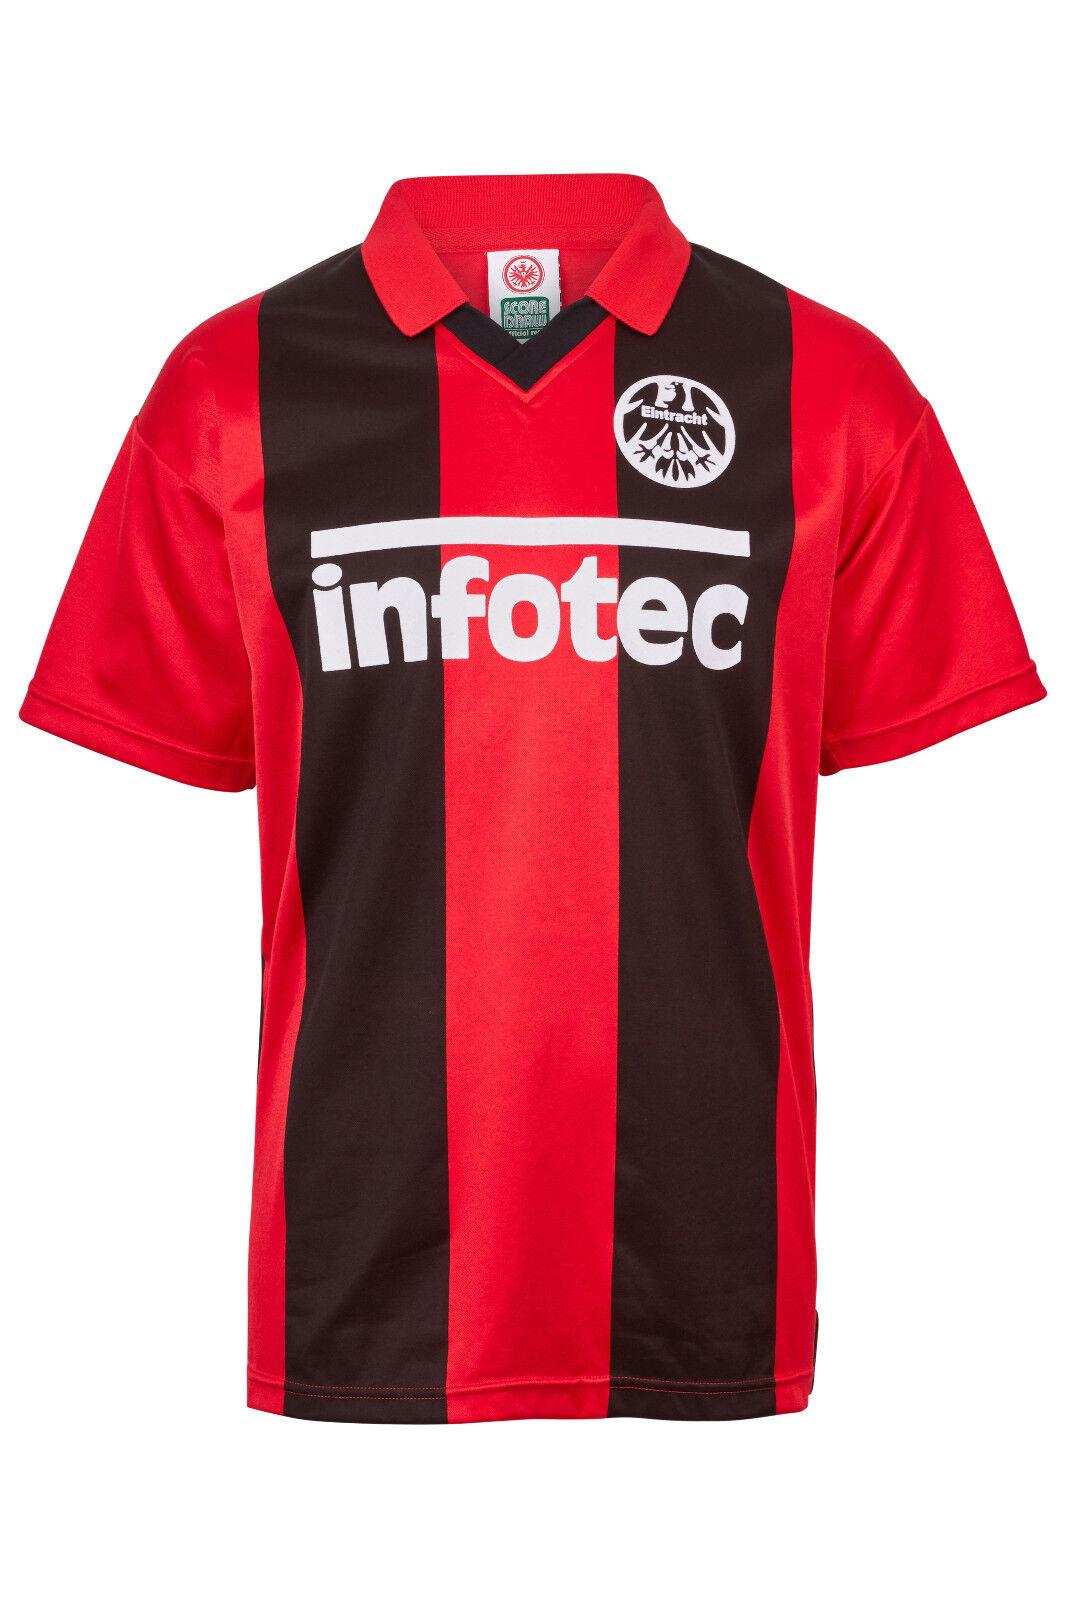 Eintracht Francoforte Maglia Retro Retro Retro 1981 Home 4c8